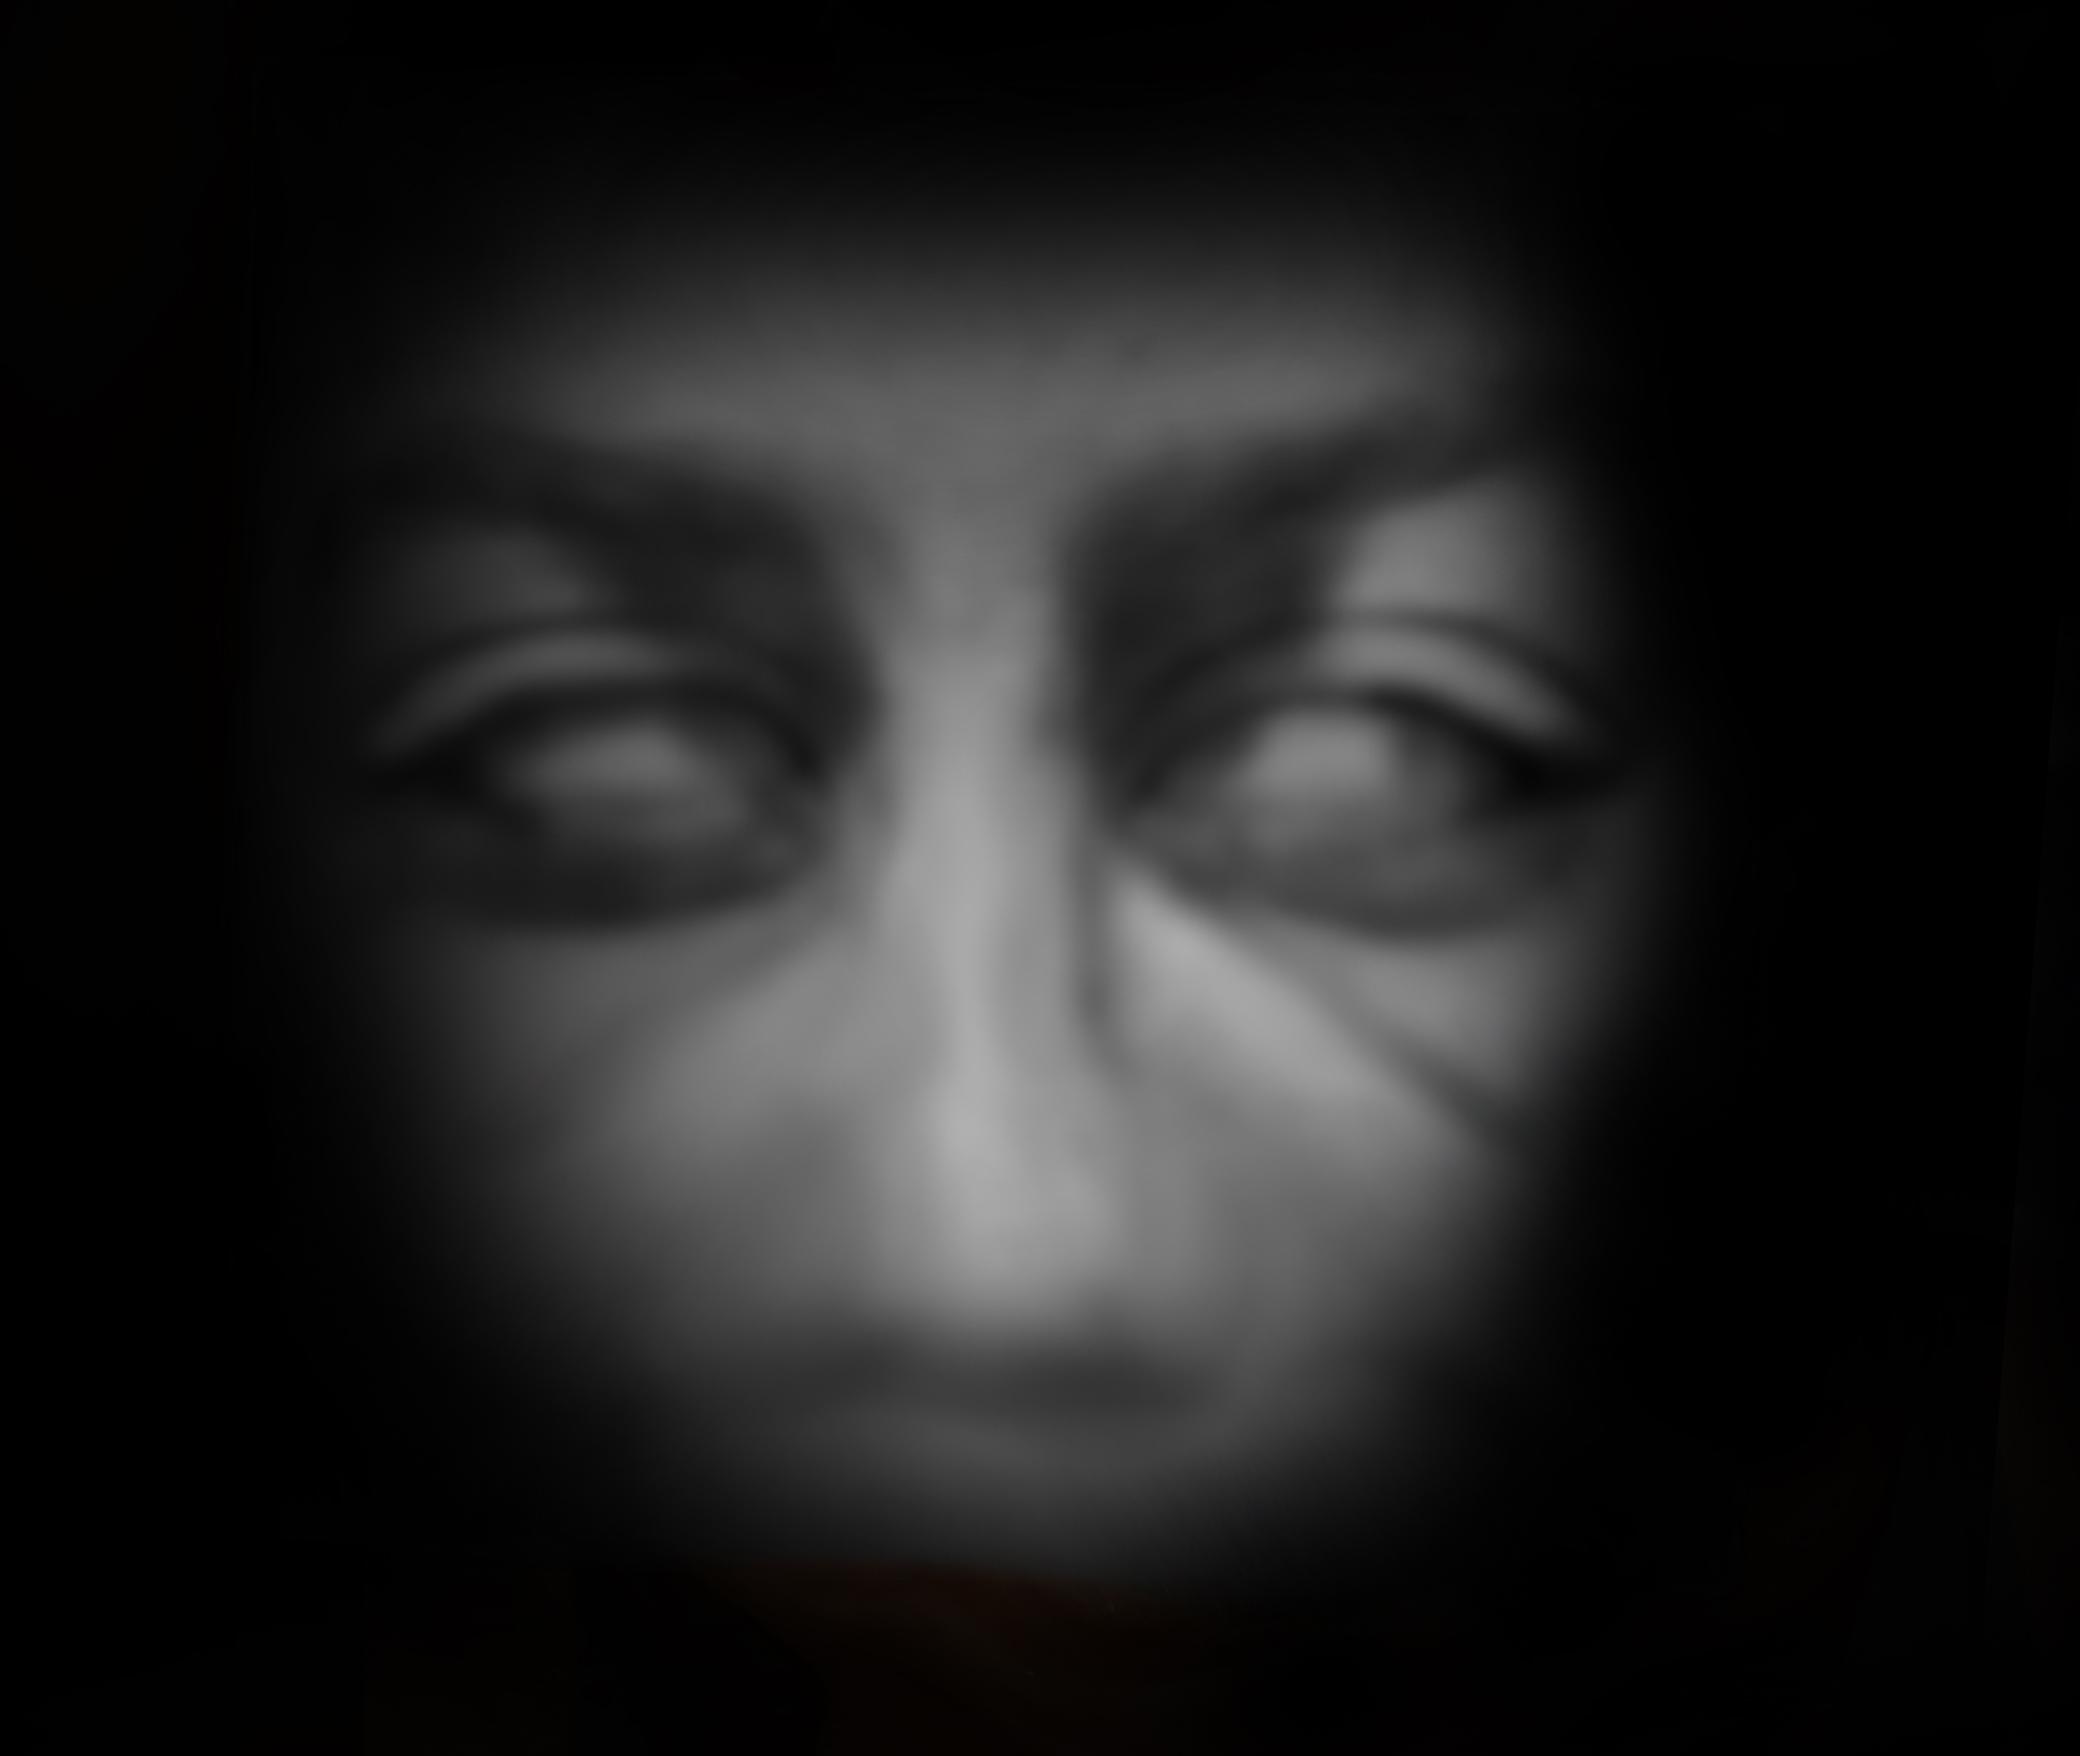 087face.jpg